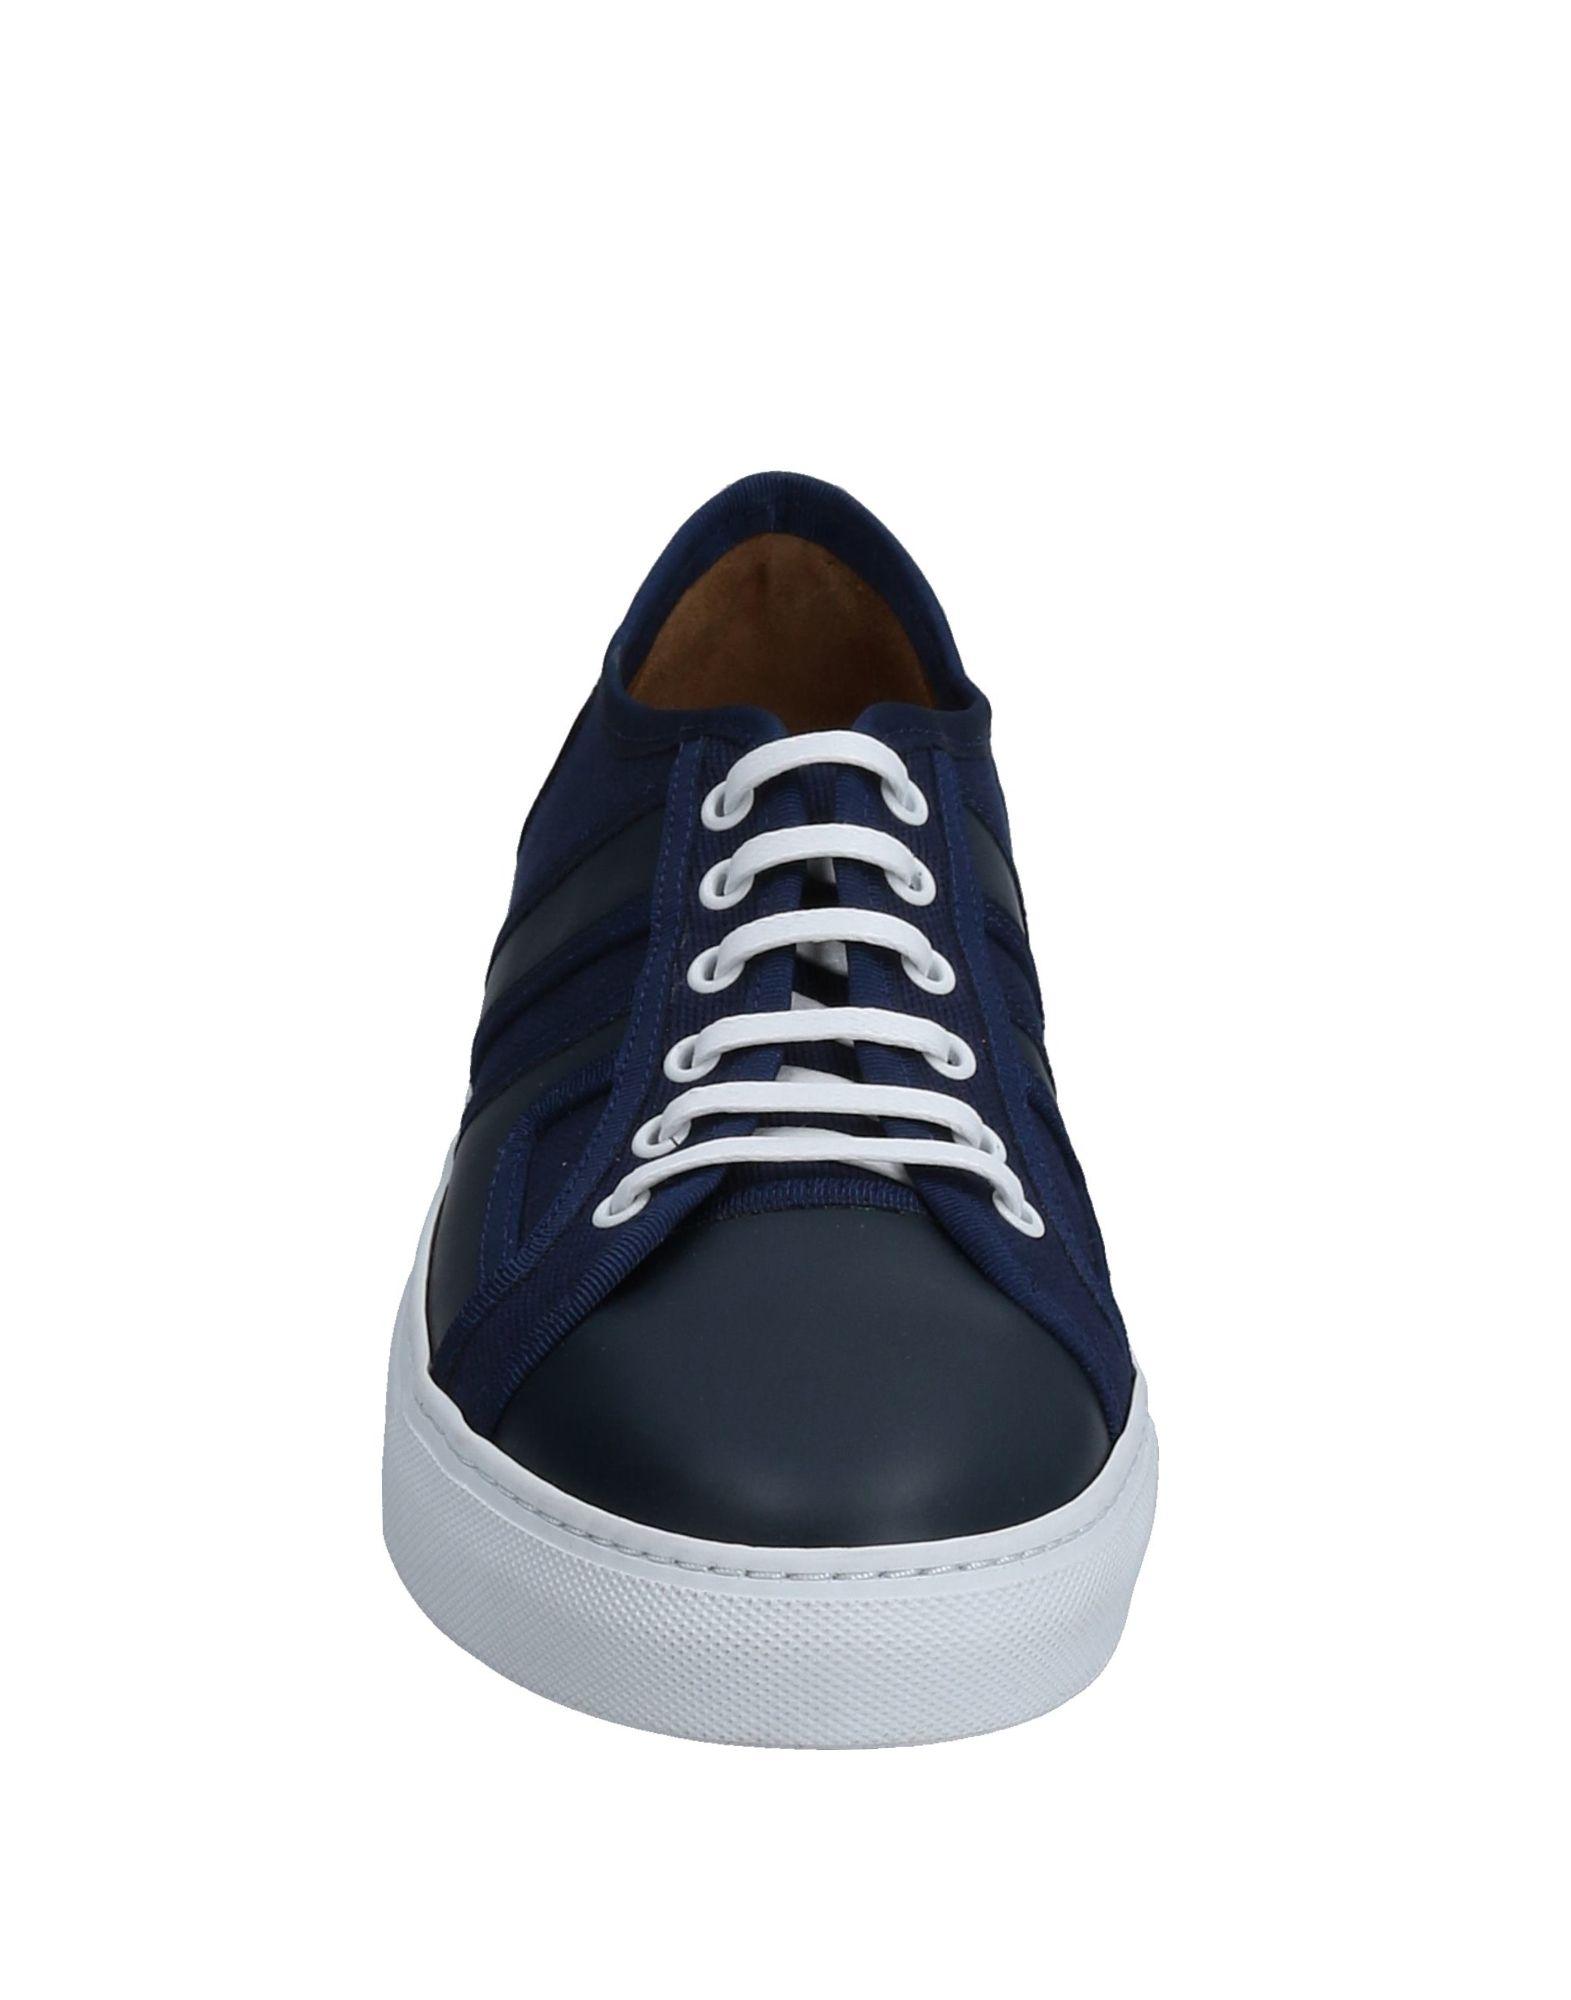 N.D.C. N.D.C. N.D.C. Made By Hand Sneakers Herren  11526162VG ea1e85